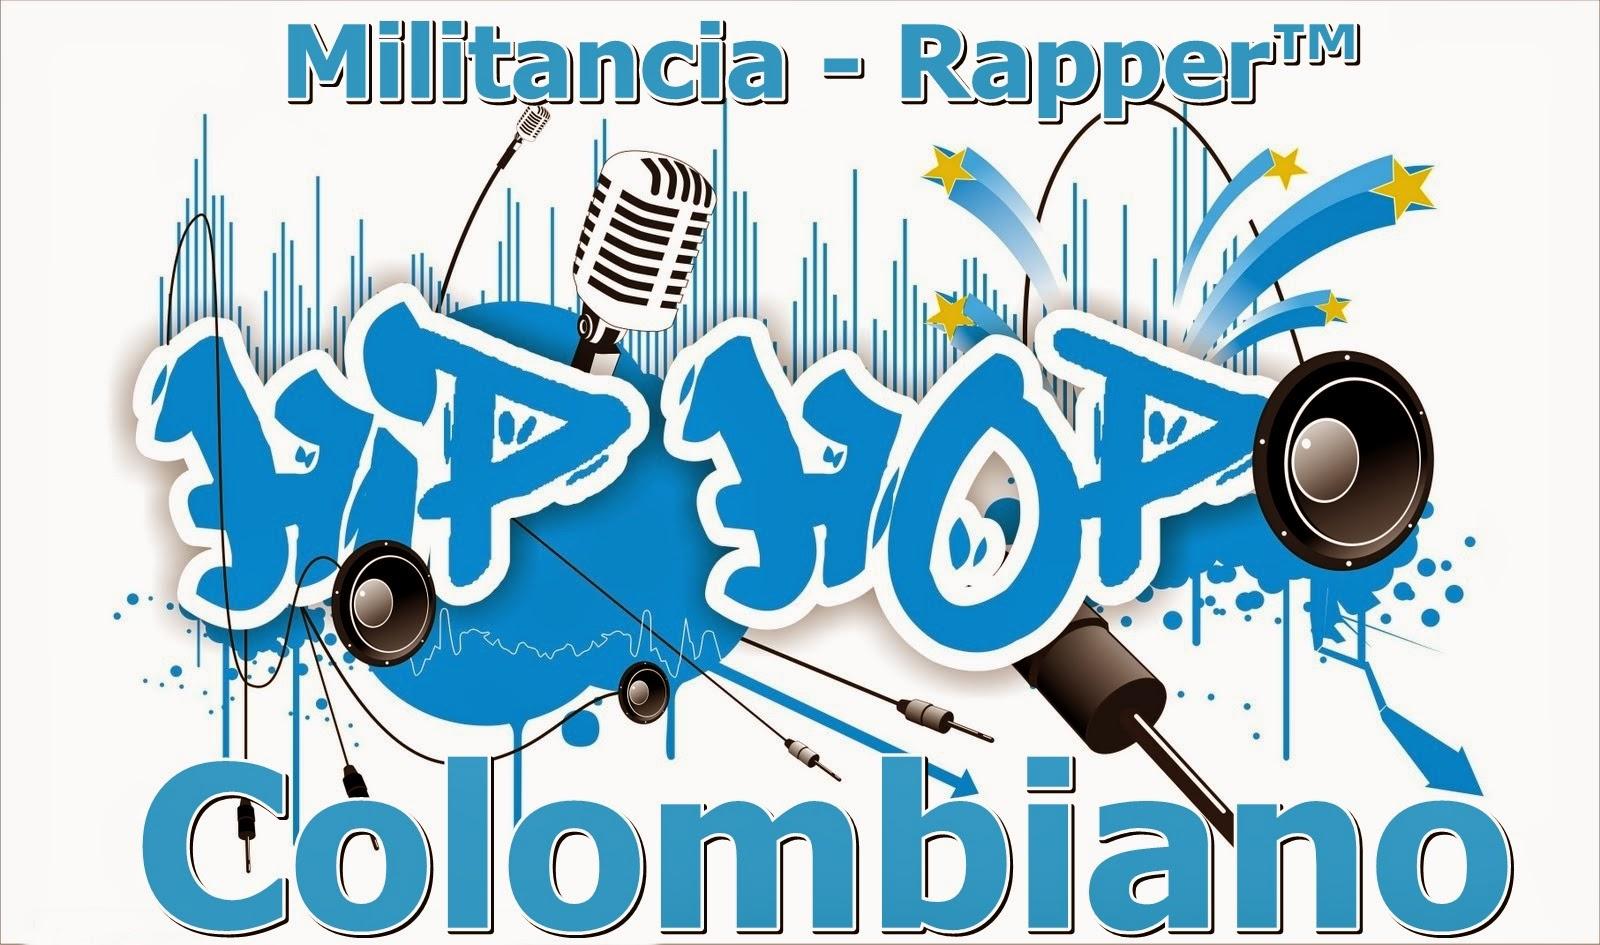 la etnia, tres coronas, hip hop y rap de medellin, los nandez,